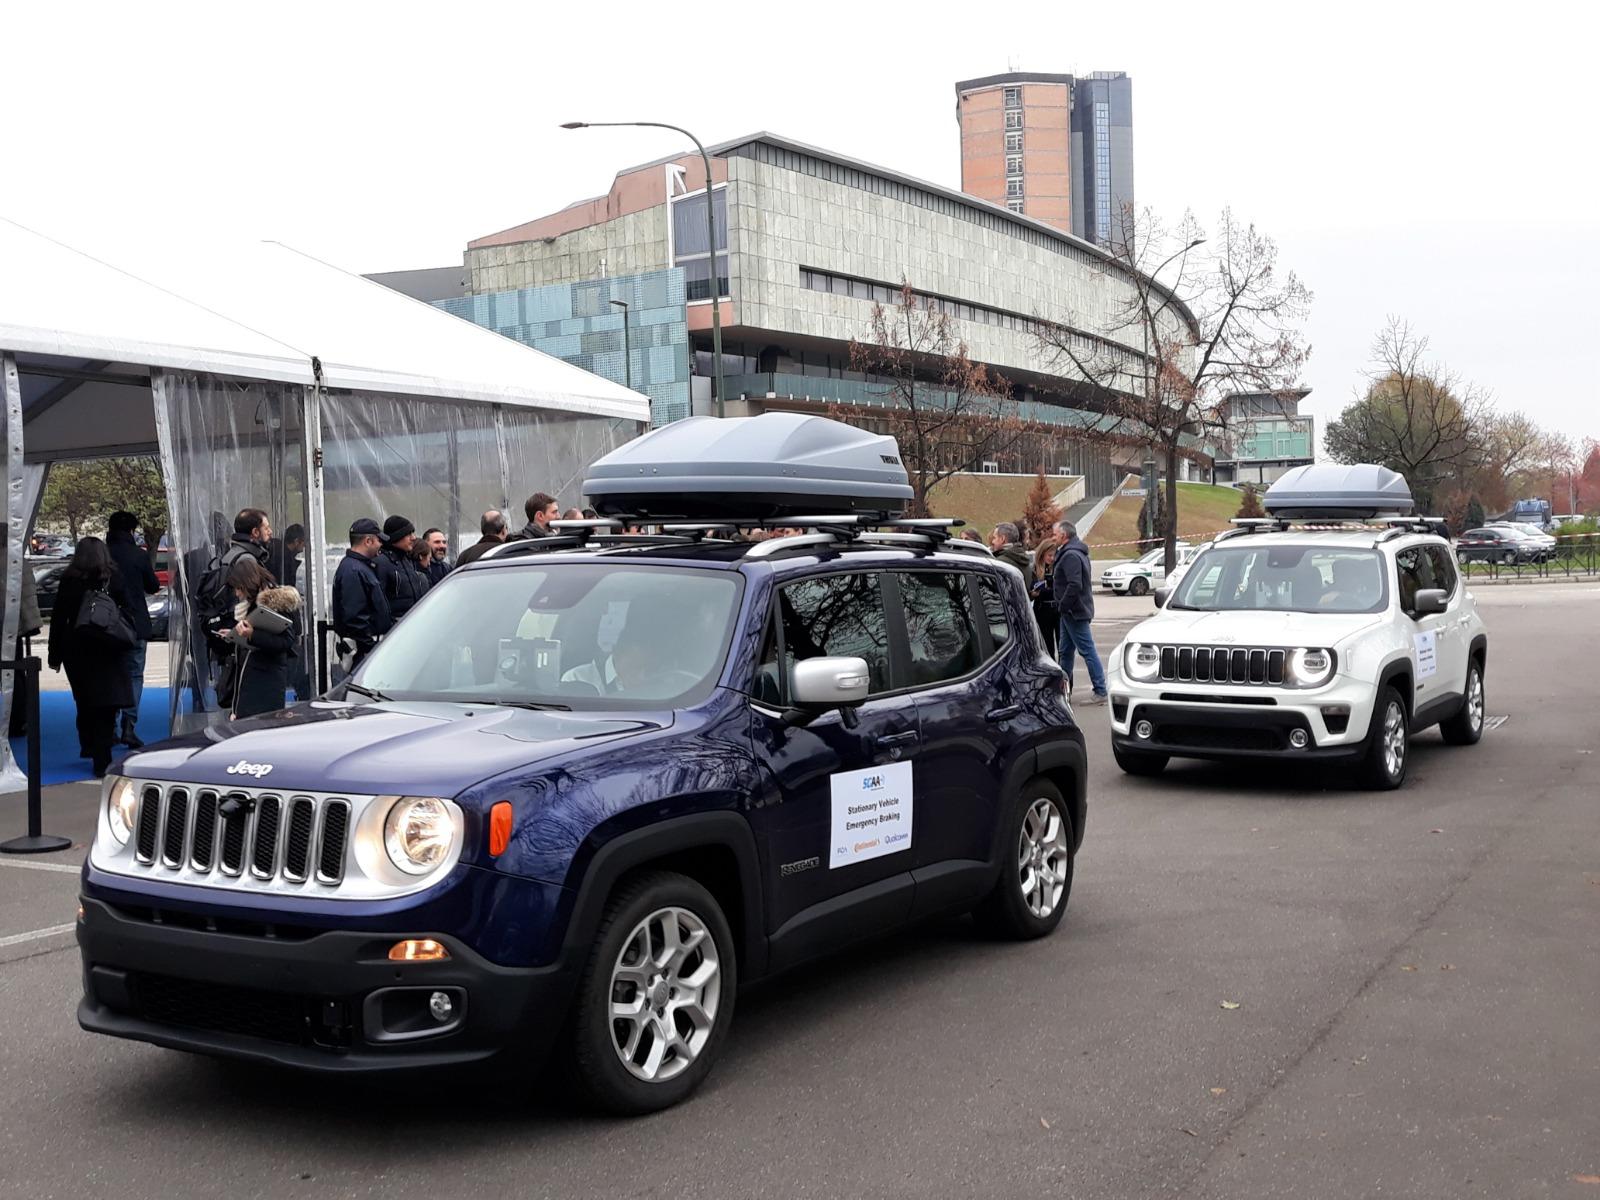 FCA 5G 3 - Tecnologia. Connected car. FCA: auto hub di servizi integrati come smartphone. 5G può rendere auto più intelligenti e sicure